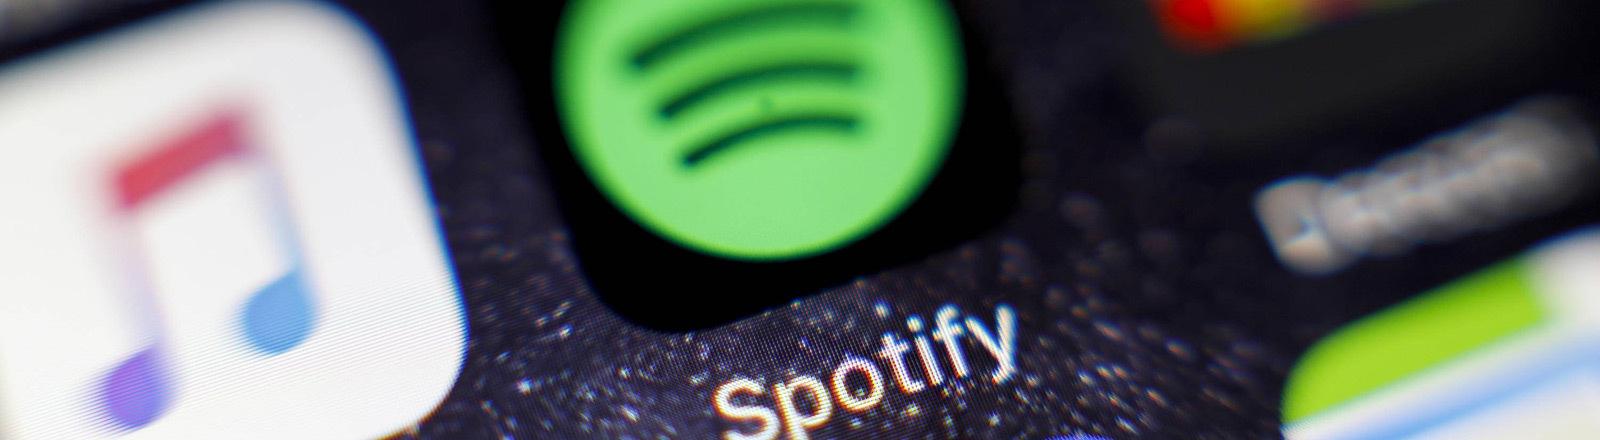 Verschiedene Apps auf einem Handy-Display, darunter auch Spotify.